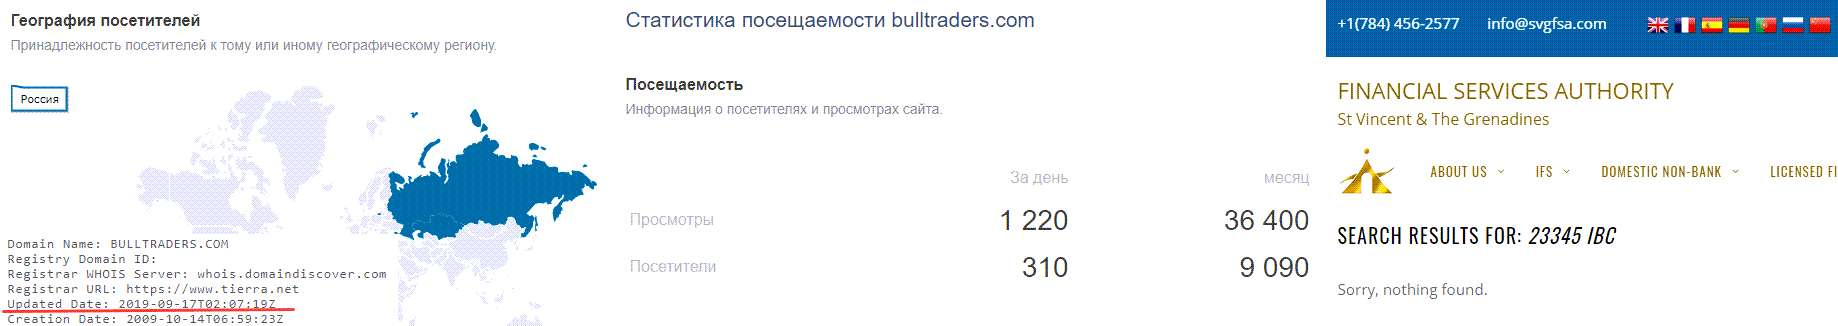 Обзор и отзывы про BullTraders. Стоит ли доверять сомнительным проектам?